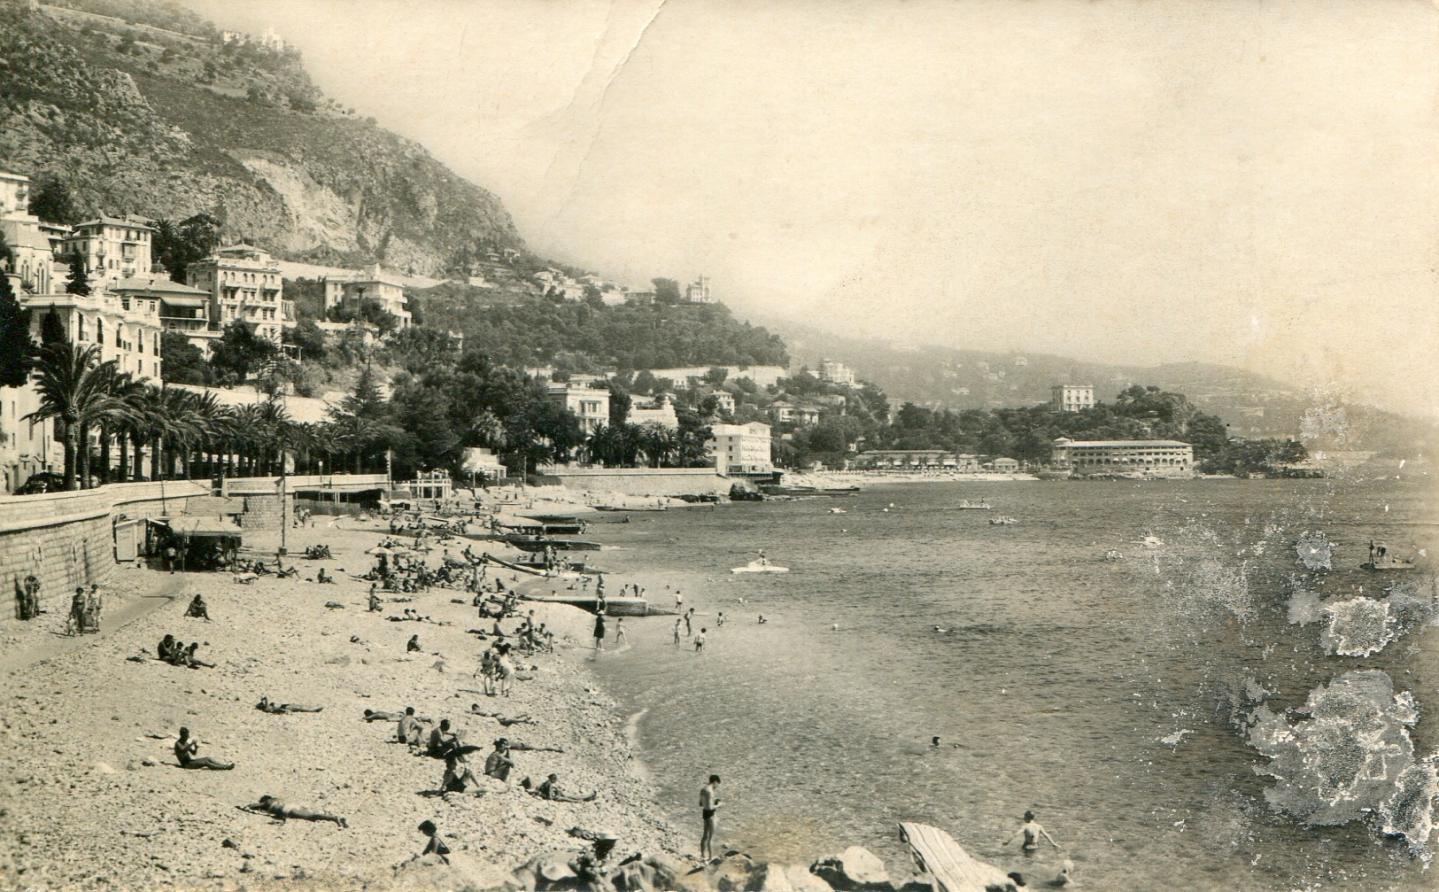 Les années soixante-dix voient la naissance de la réserve sous-marine et la démocratisation des loisirs ensablés.